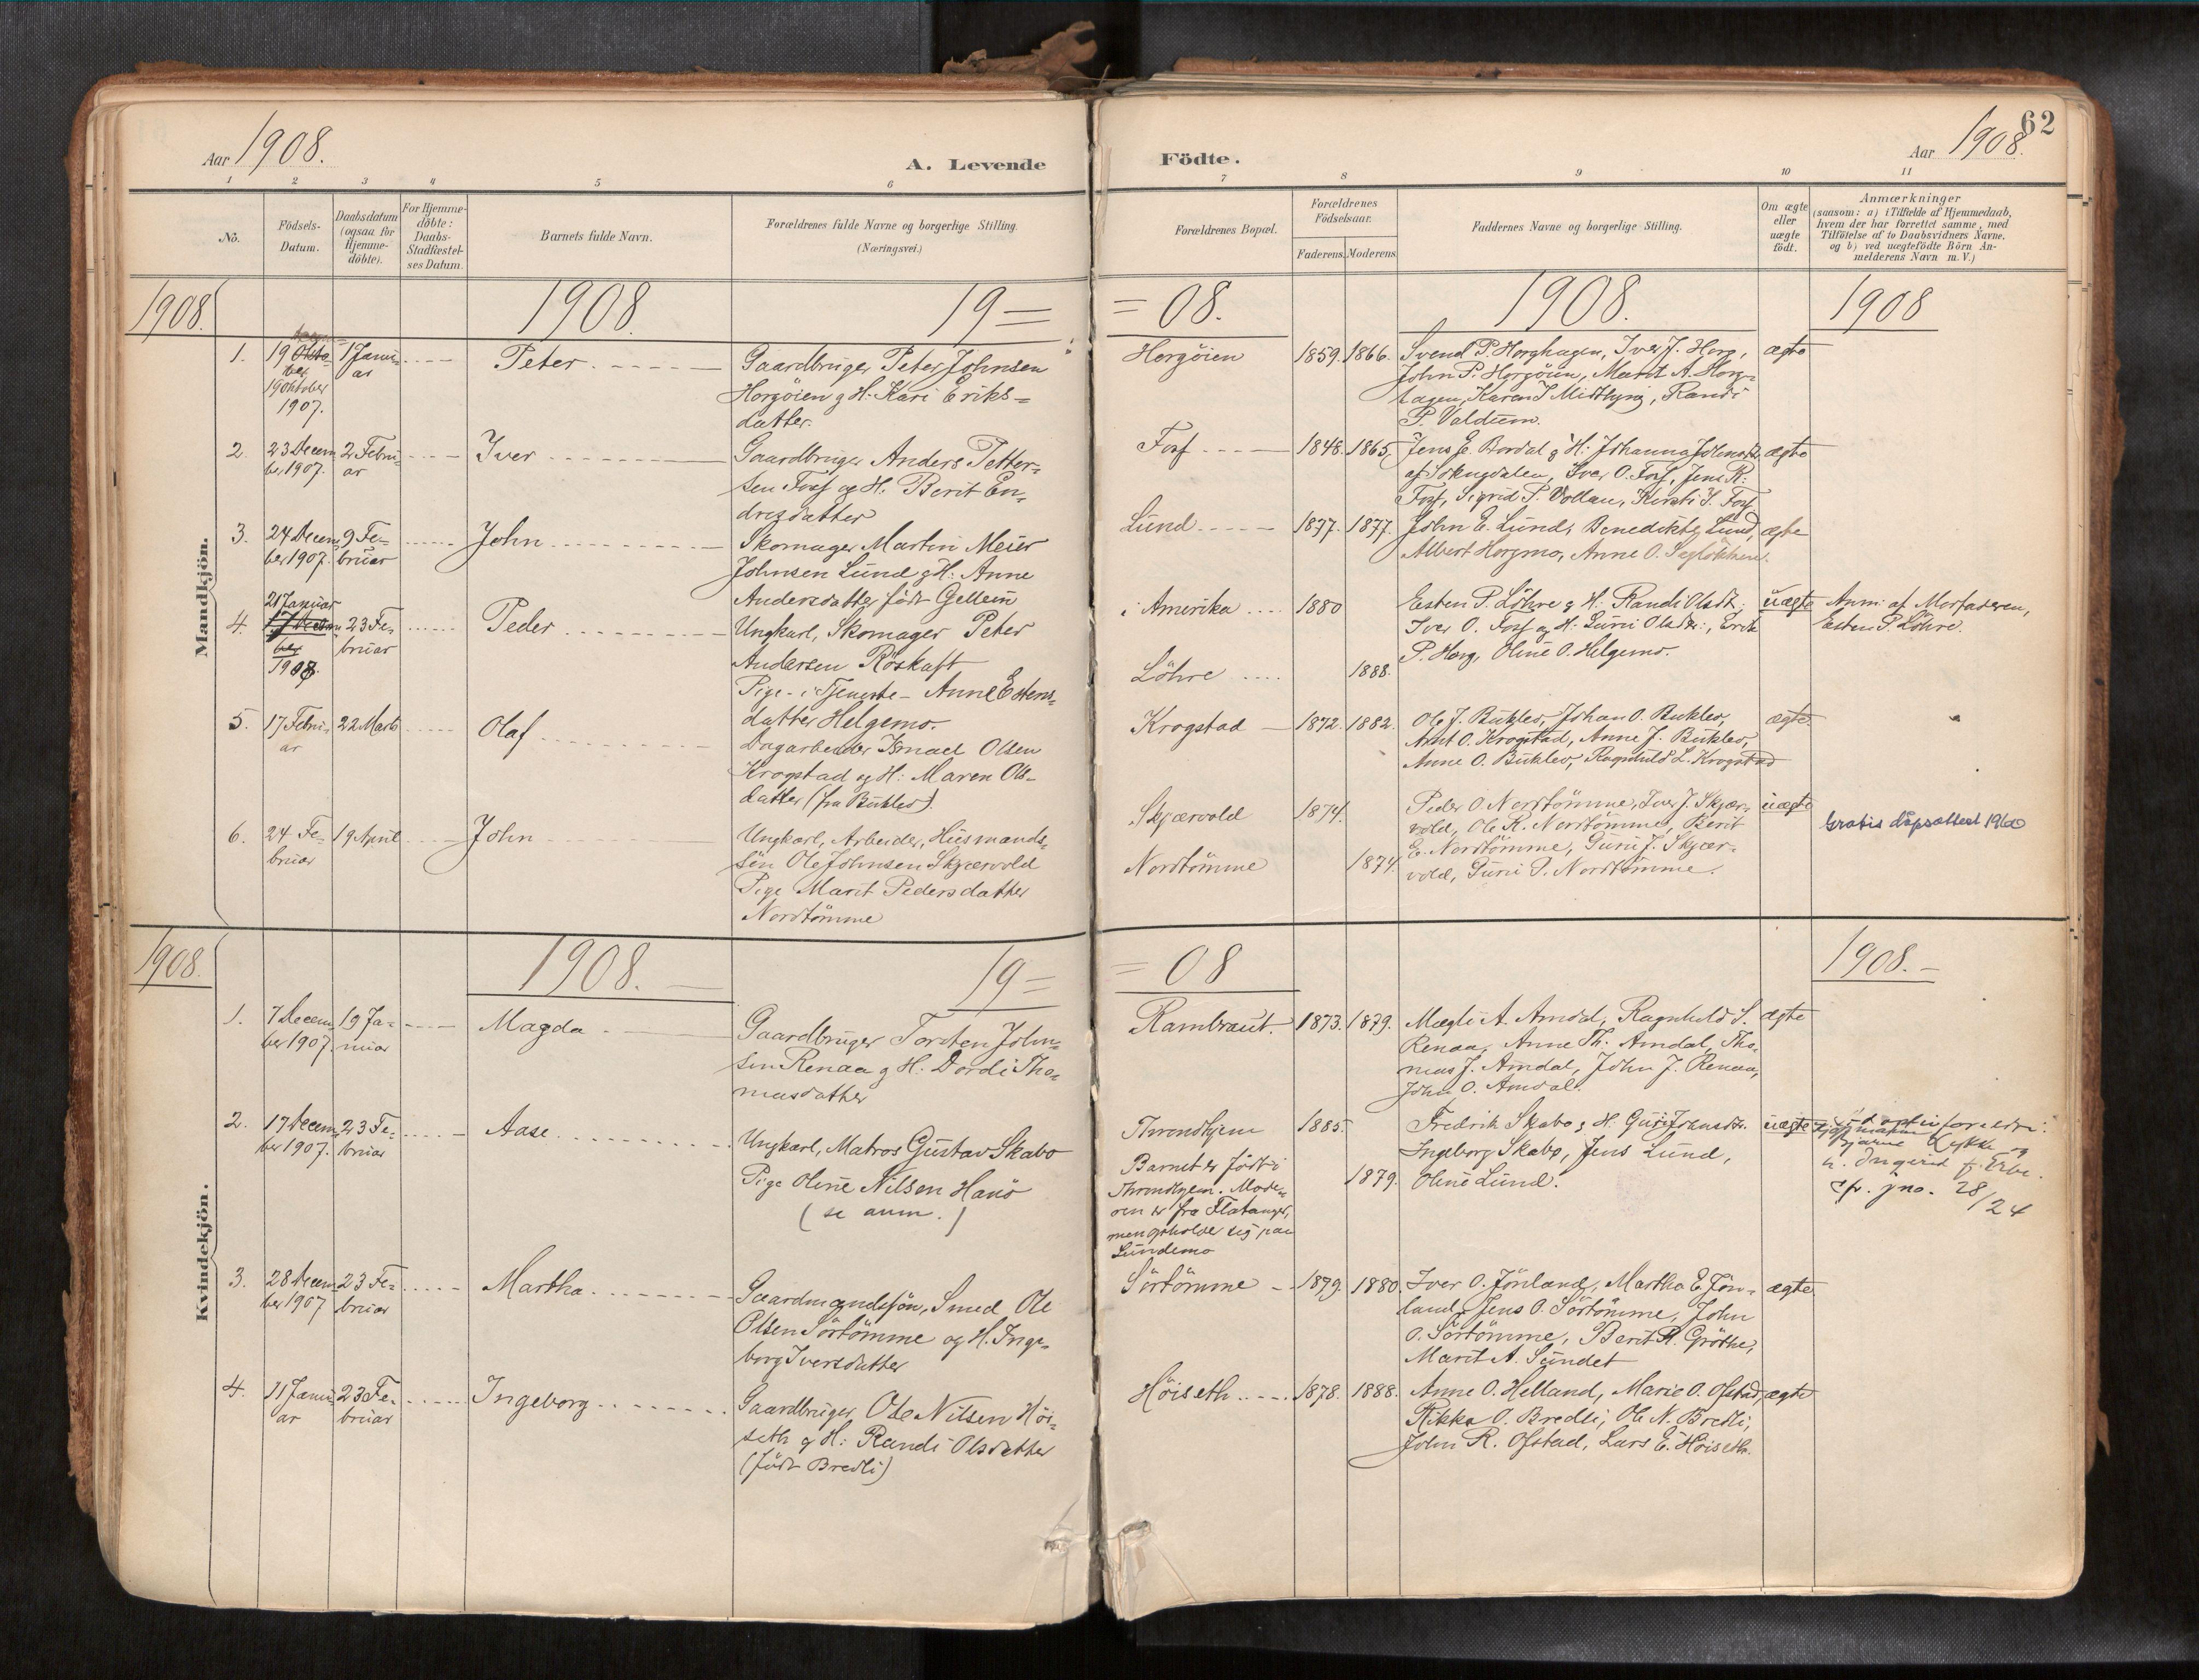 SAT, Ministerialprotokoller, klokkerbøker og fødselsregistre - Sør-Trøndelag, 692/L1105b: Ministerialbok nr. 692A06, 1891-1934, s. 62